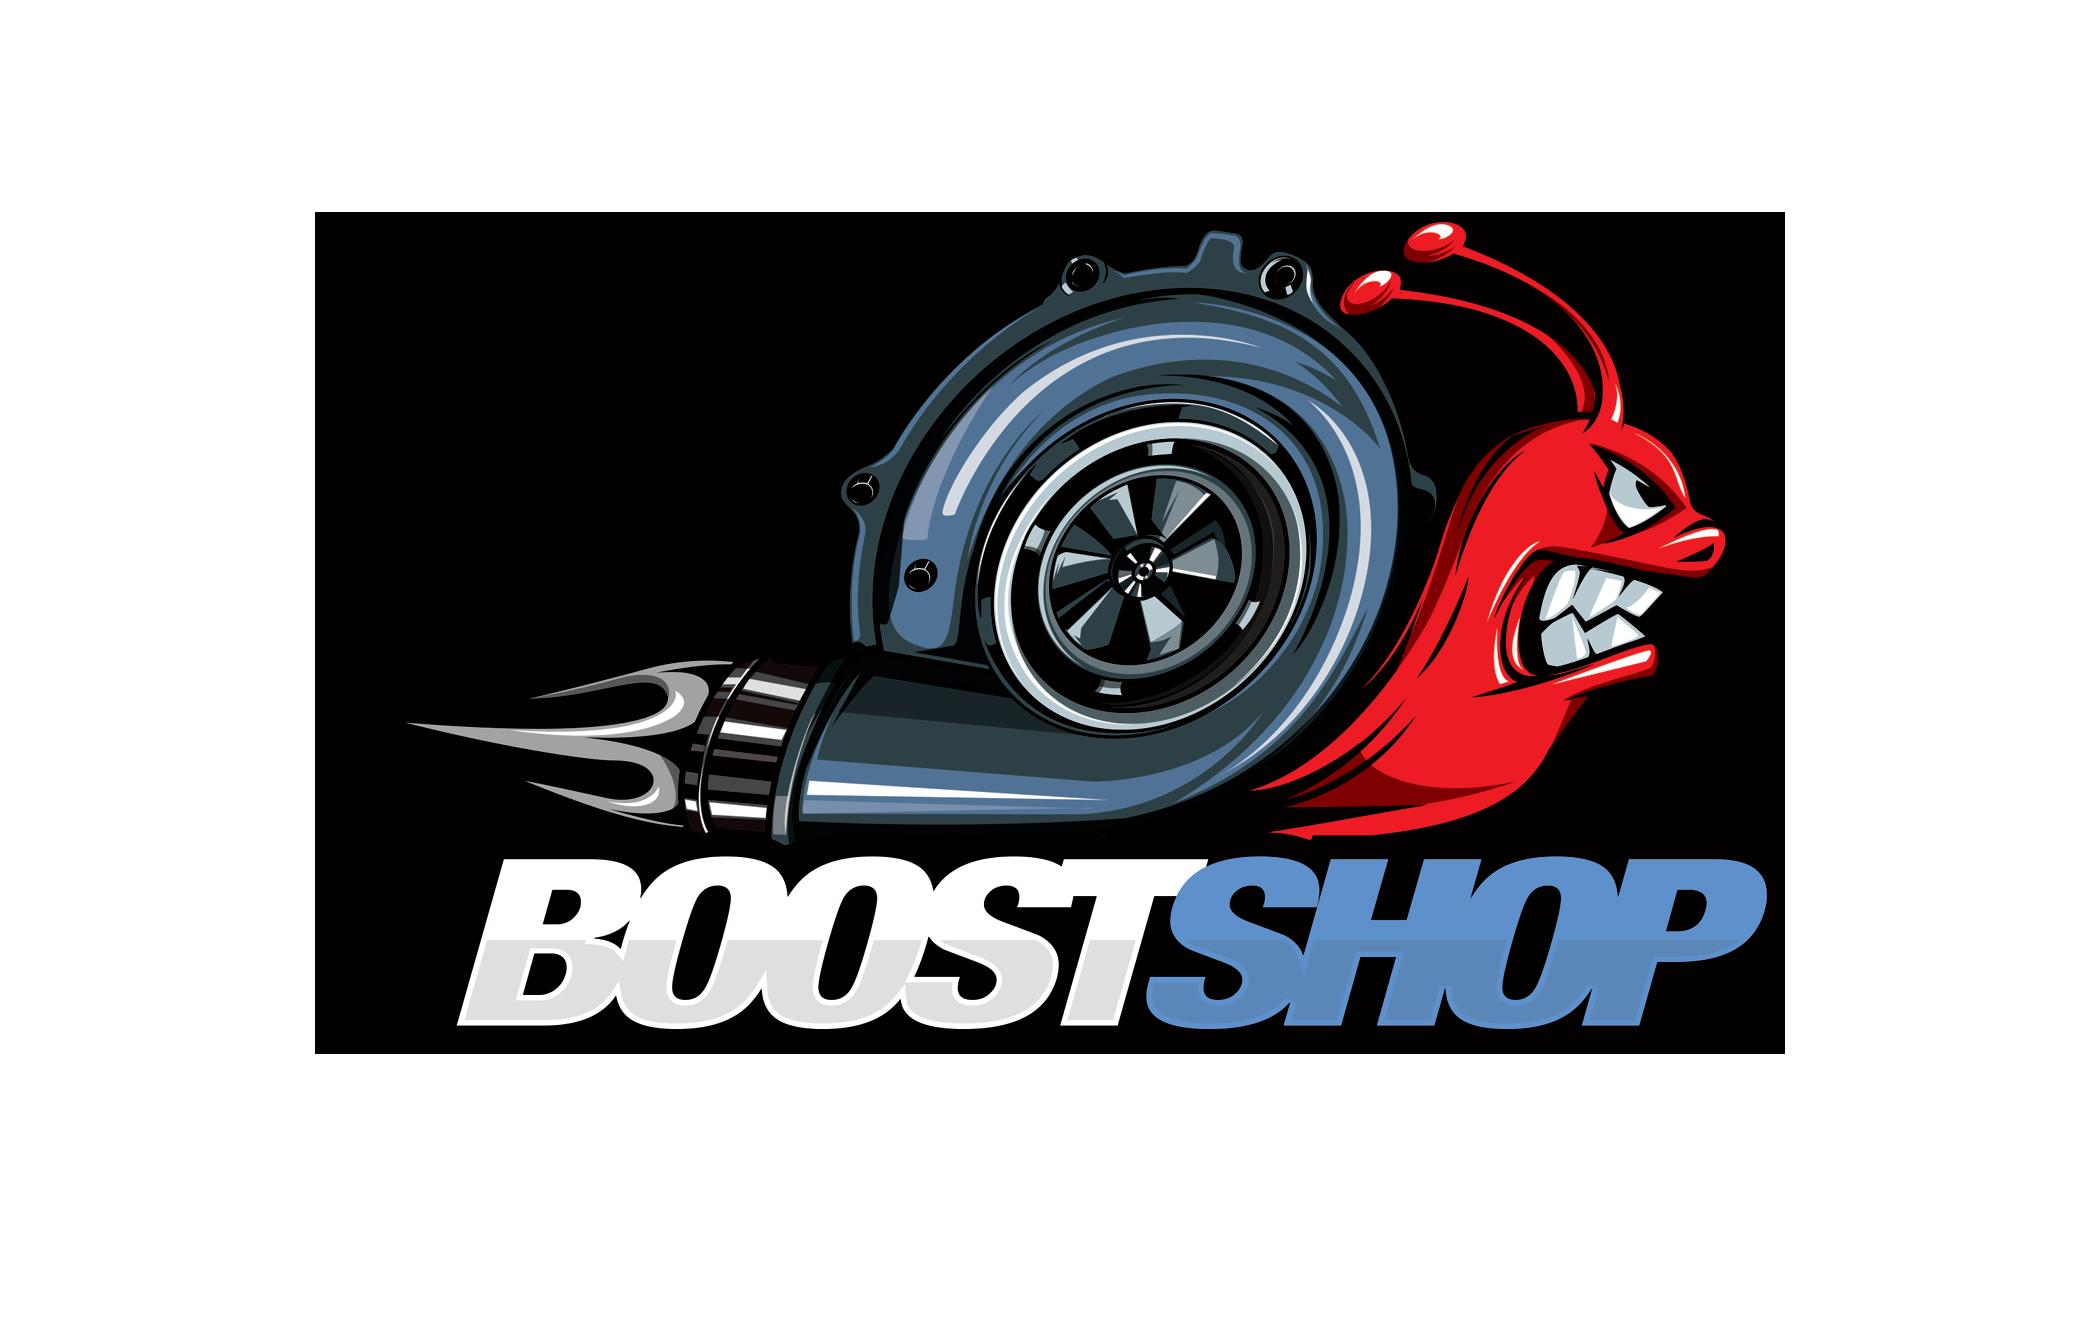 Boostshop.ee